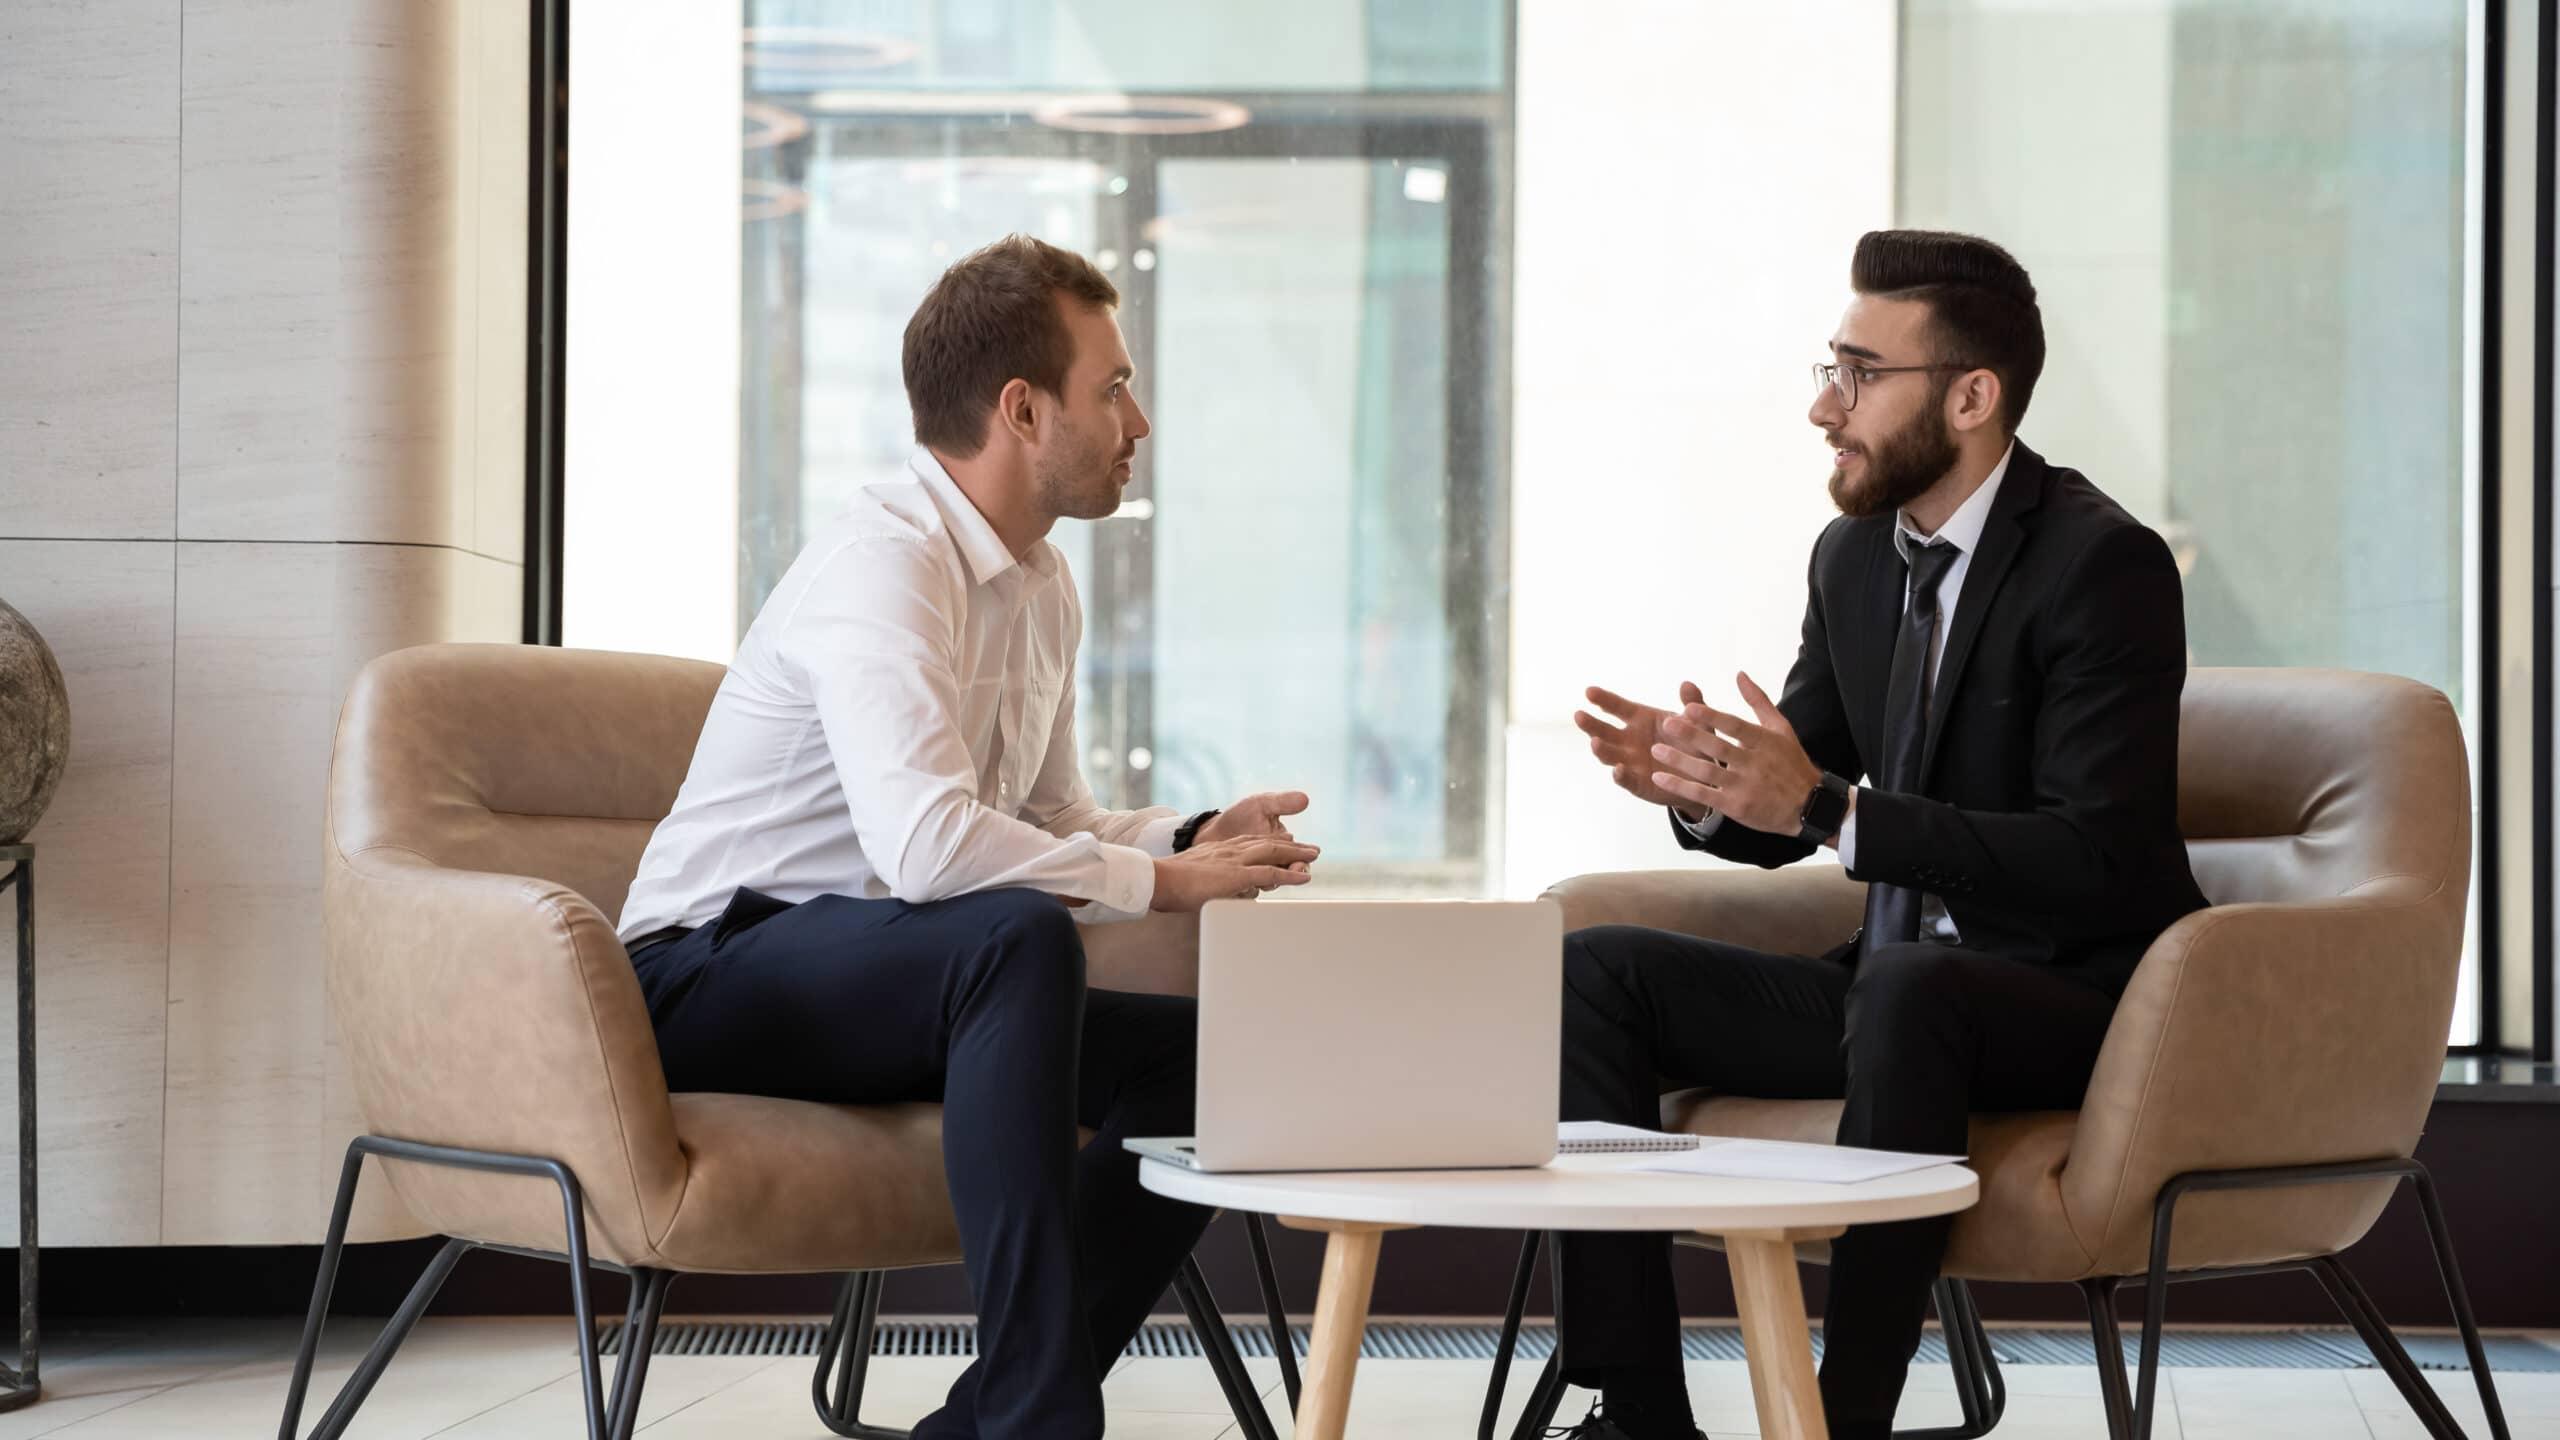 Haastavan asiakkaan kohtaaminen. Asiakas ja yrittäjä keskustelevat.